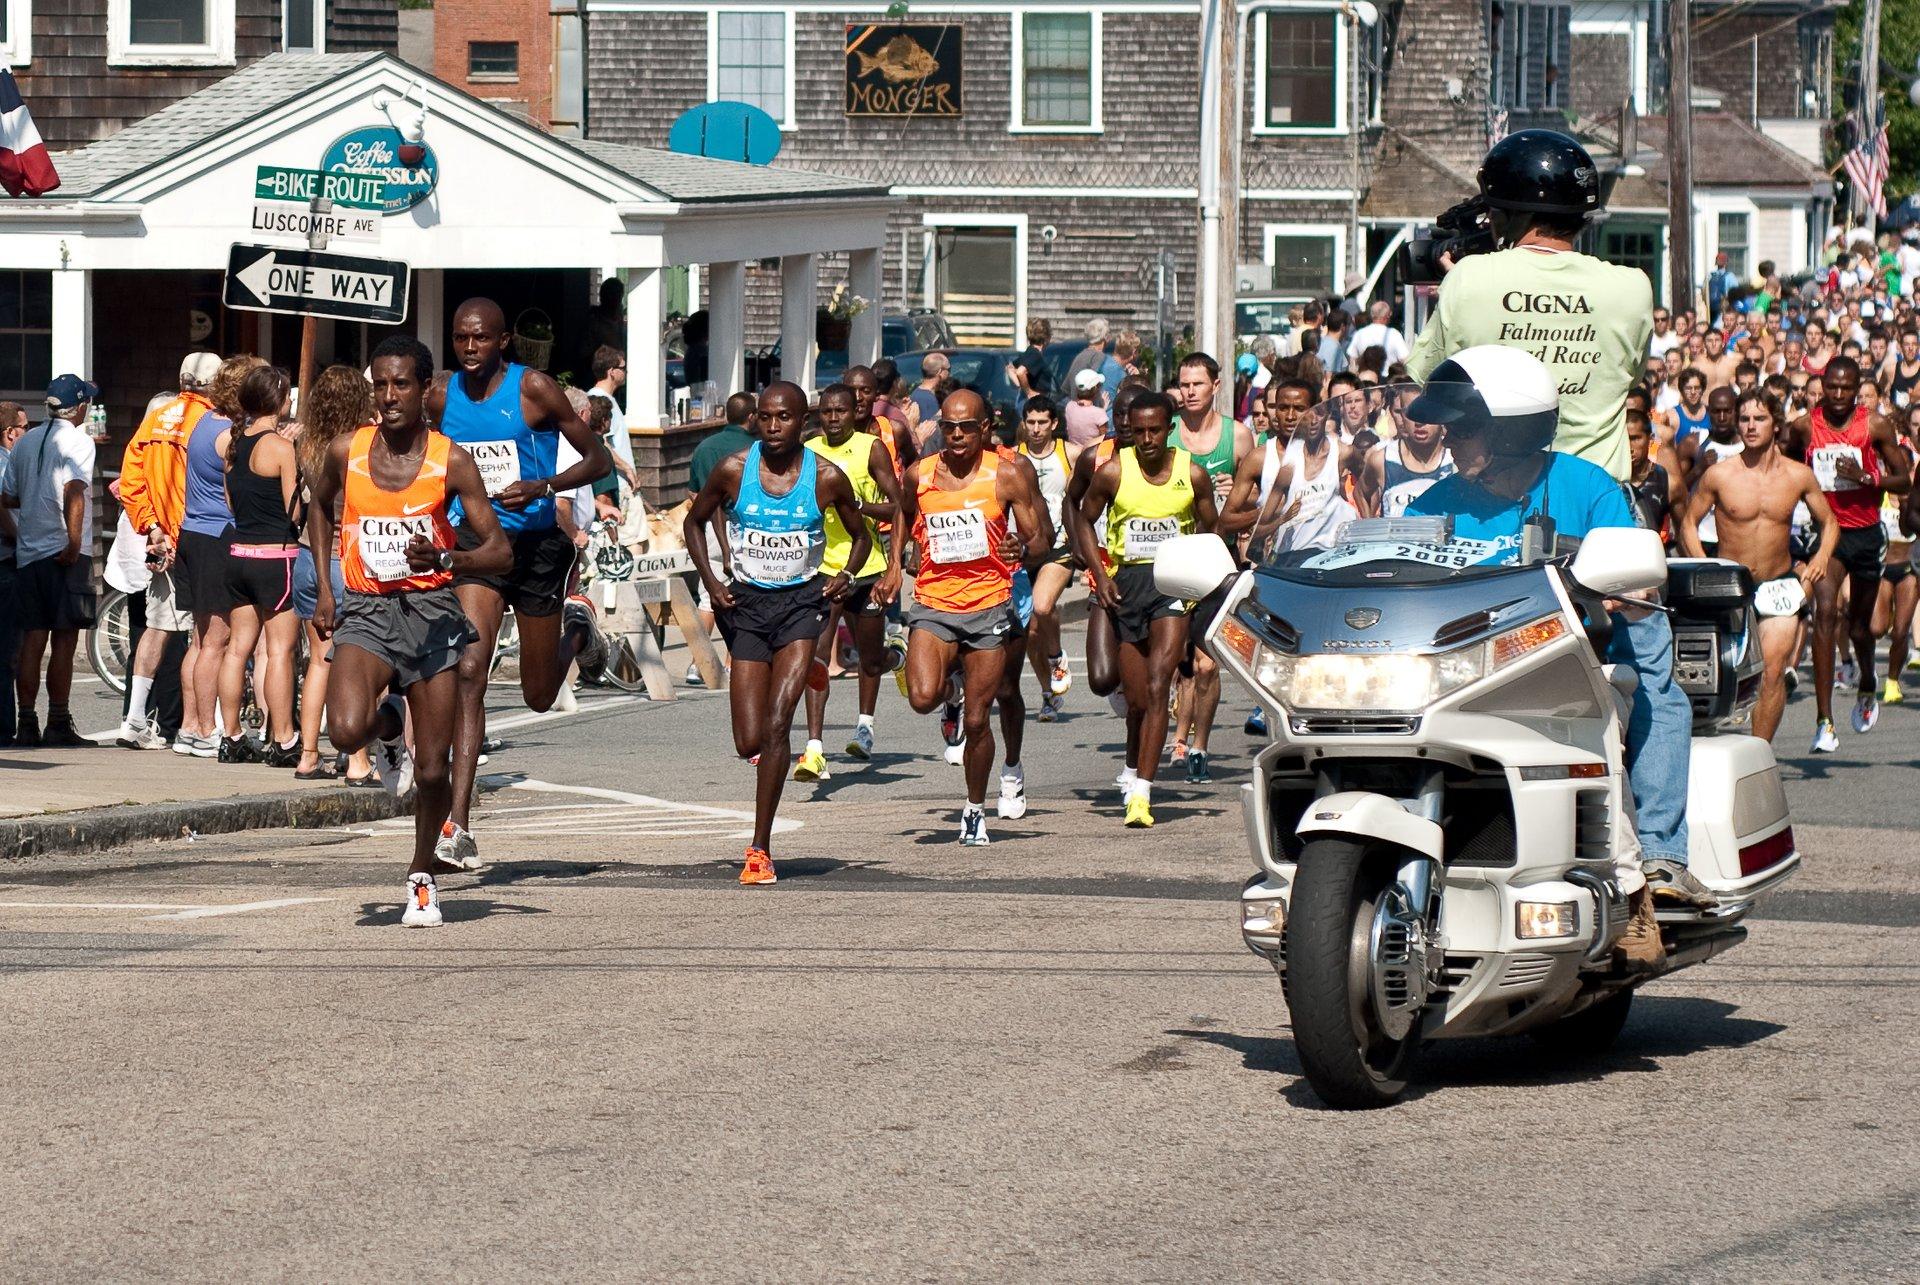 Falmouth Road Race in Massachusetts - Best Season 2020